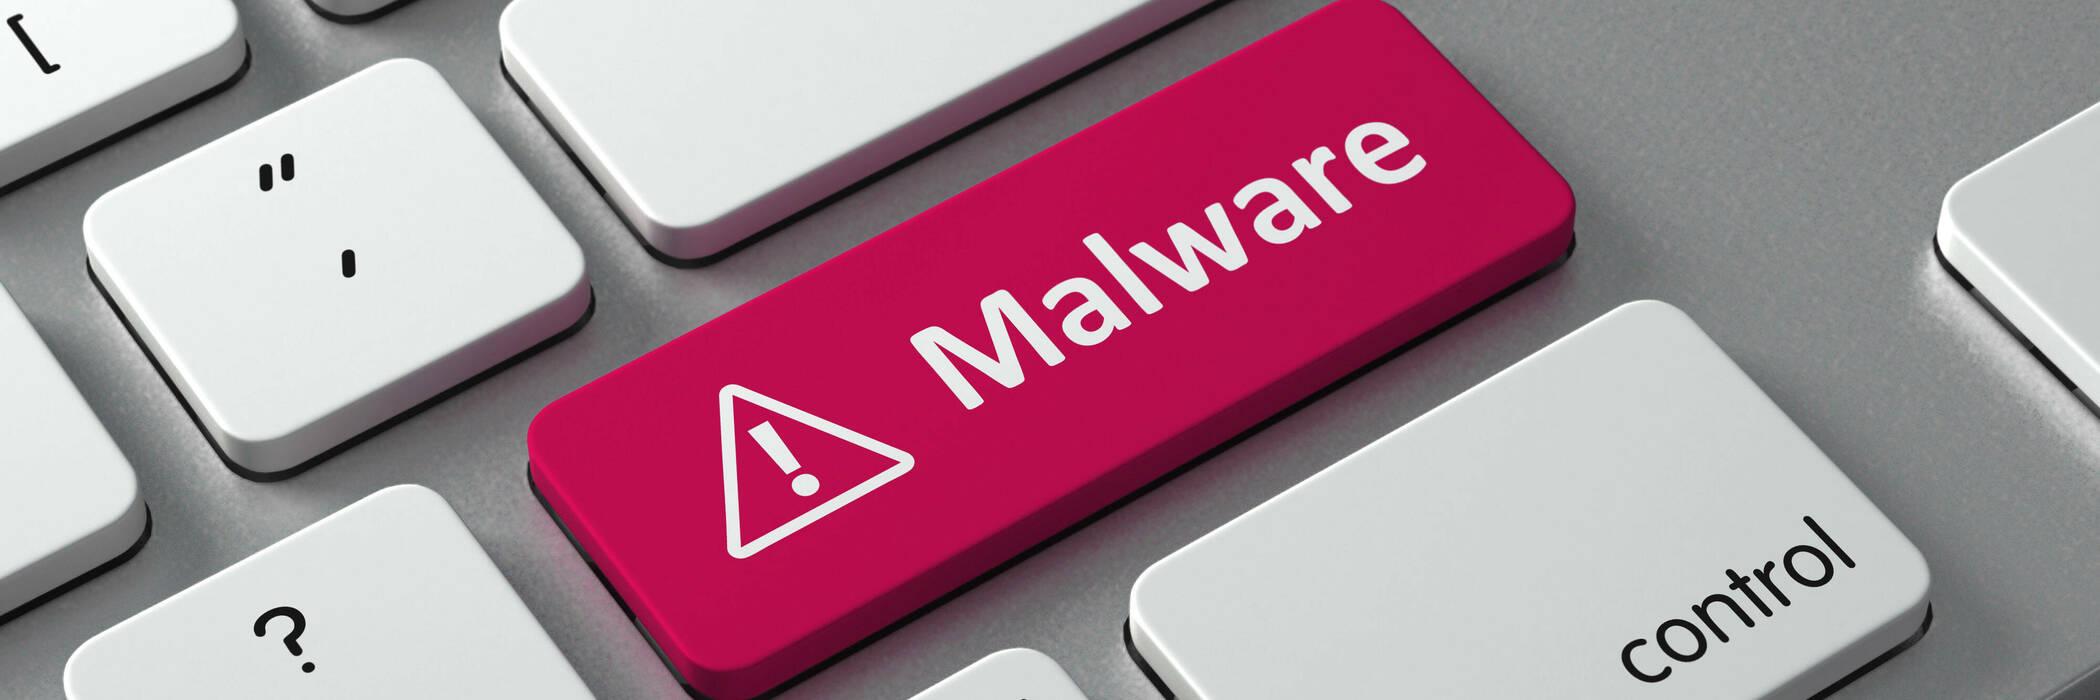 16mar mac malware attack hero